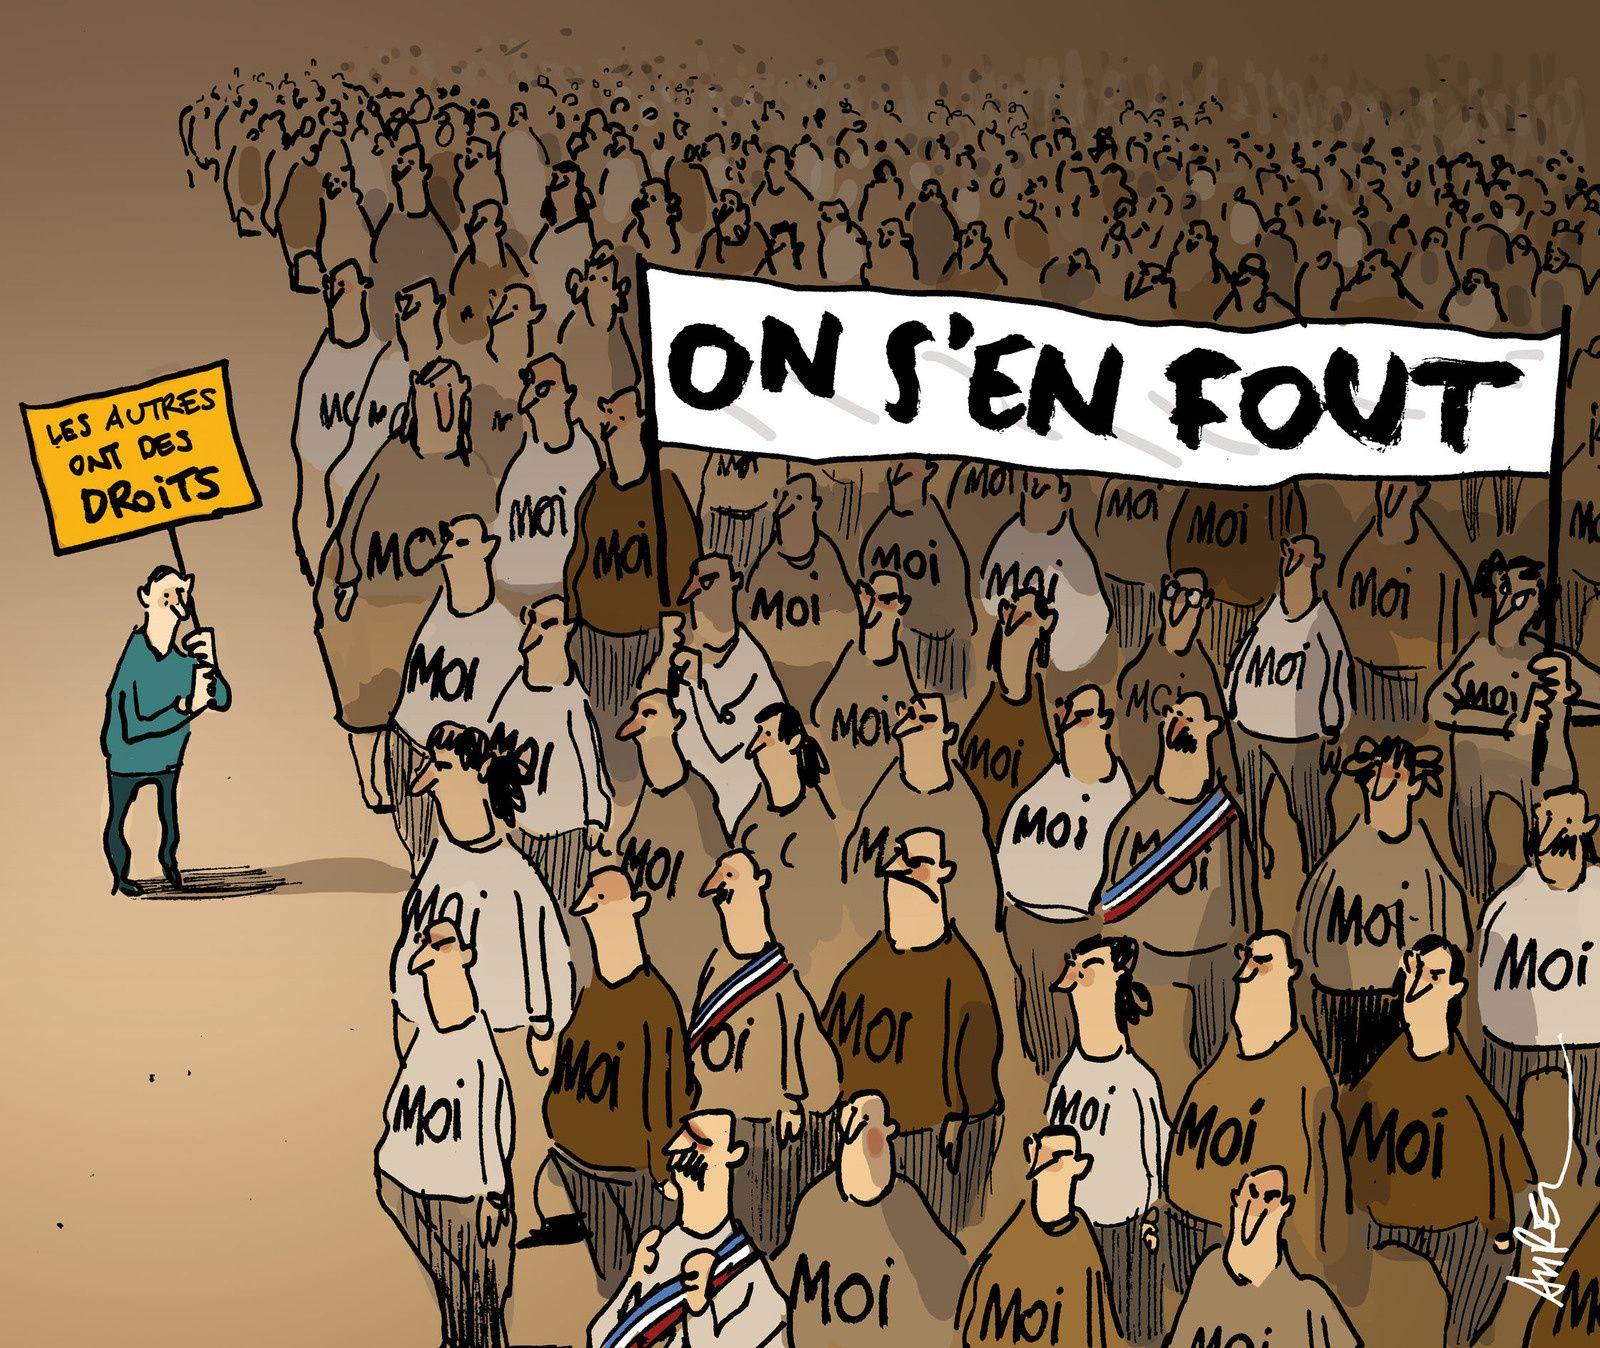 ...et son corollaire - l'individiualisme devient une drue matraque qui renforce l'oppression illégale actuelle !